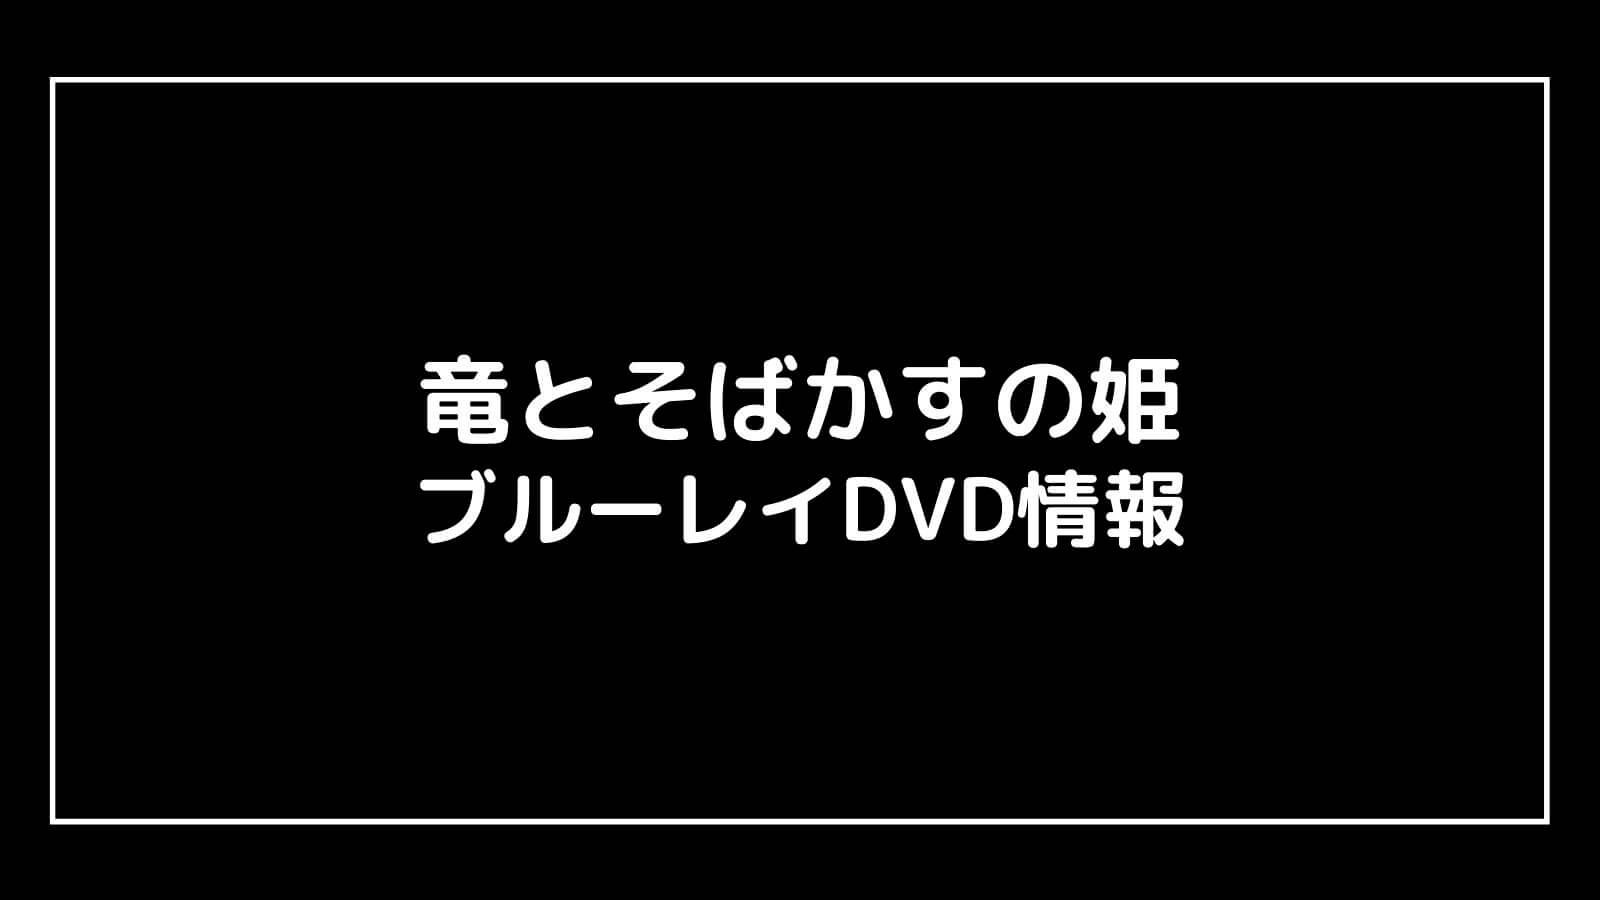 映画『竜とそばかすの姫』のDVD発売日と予約開始日はいつから?円盤情報まとめ